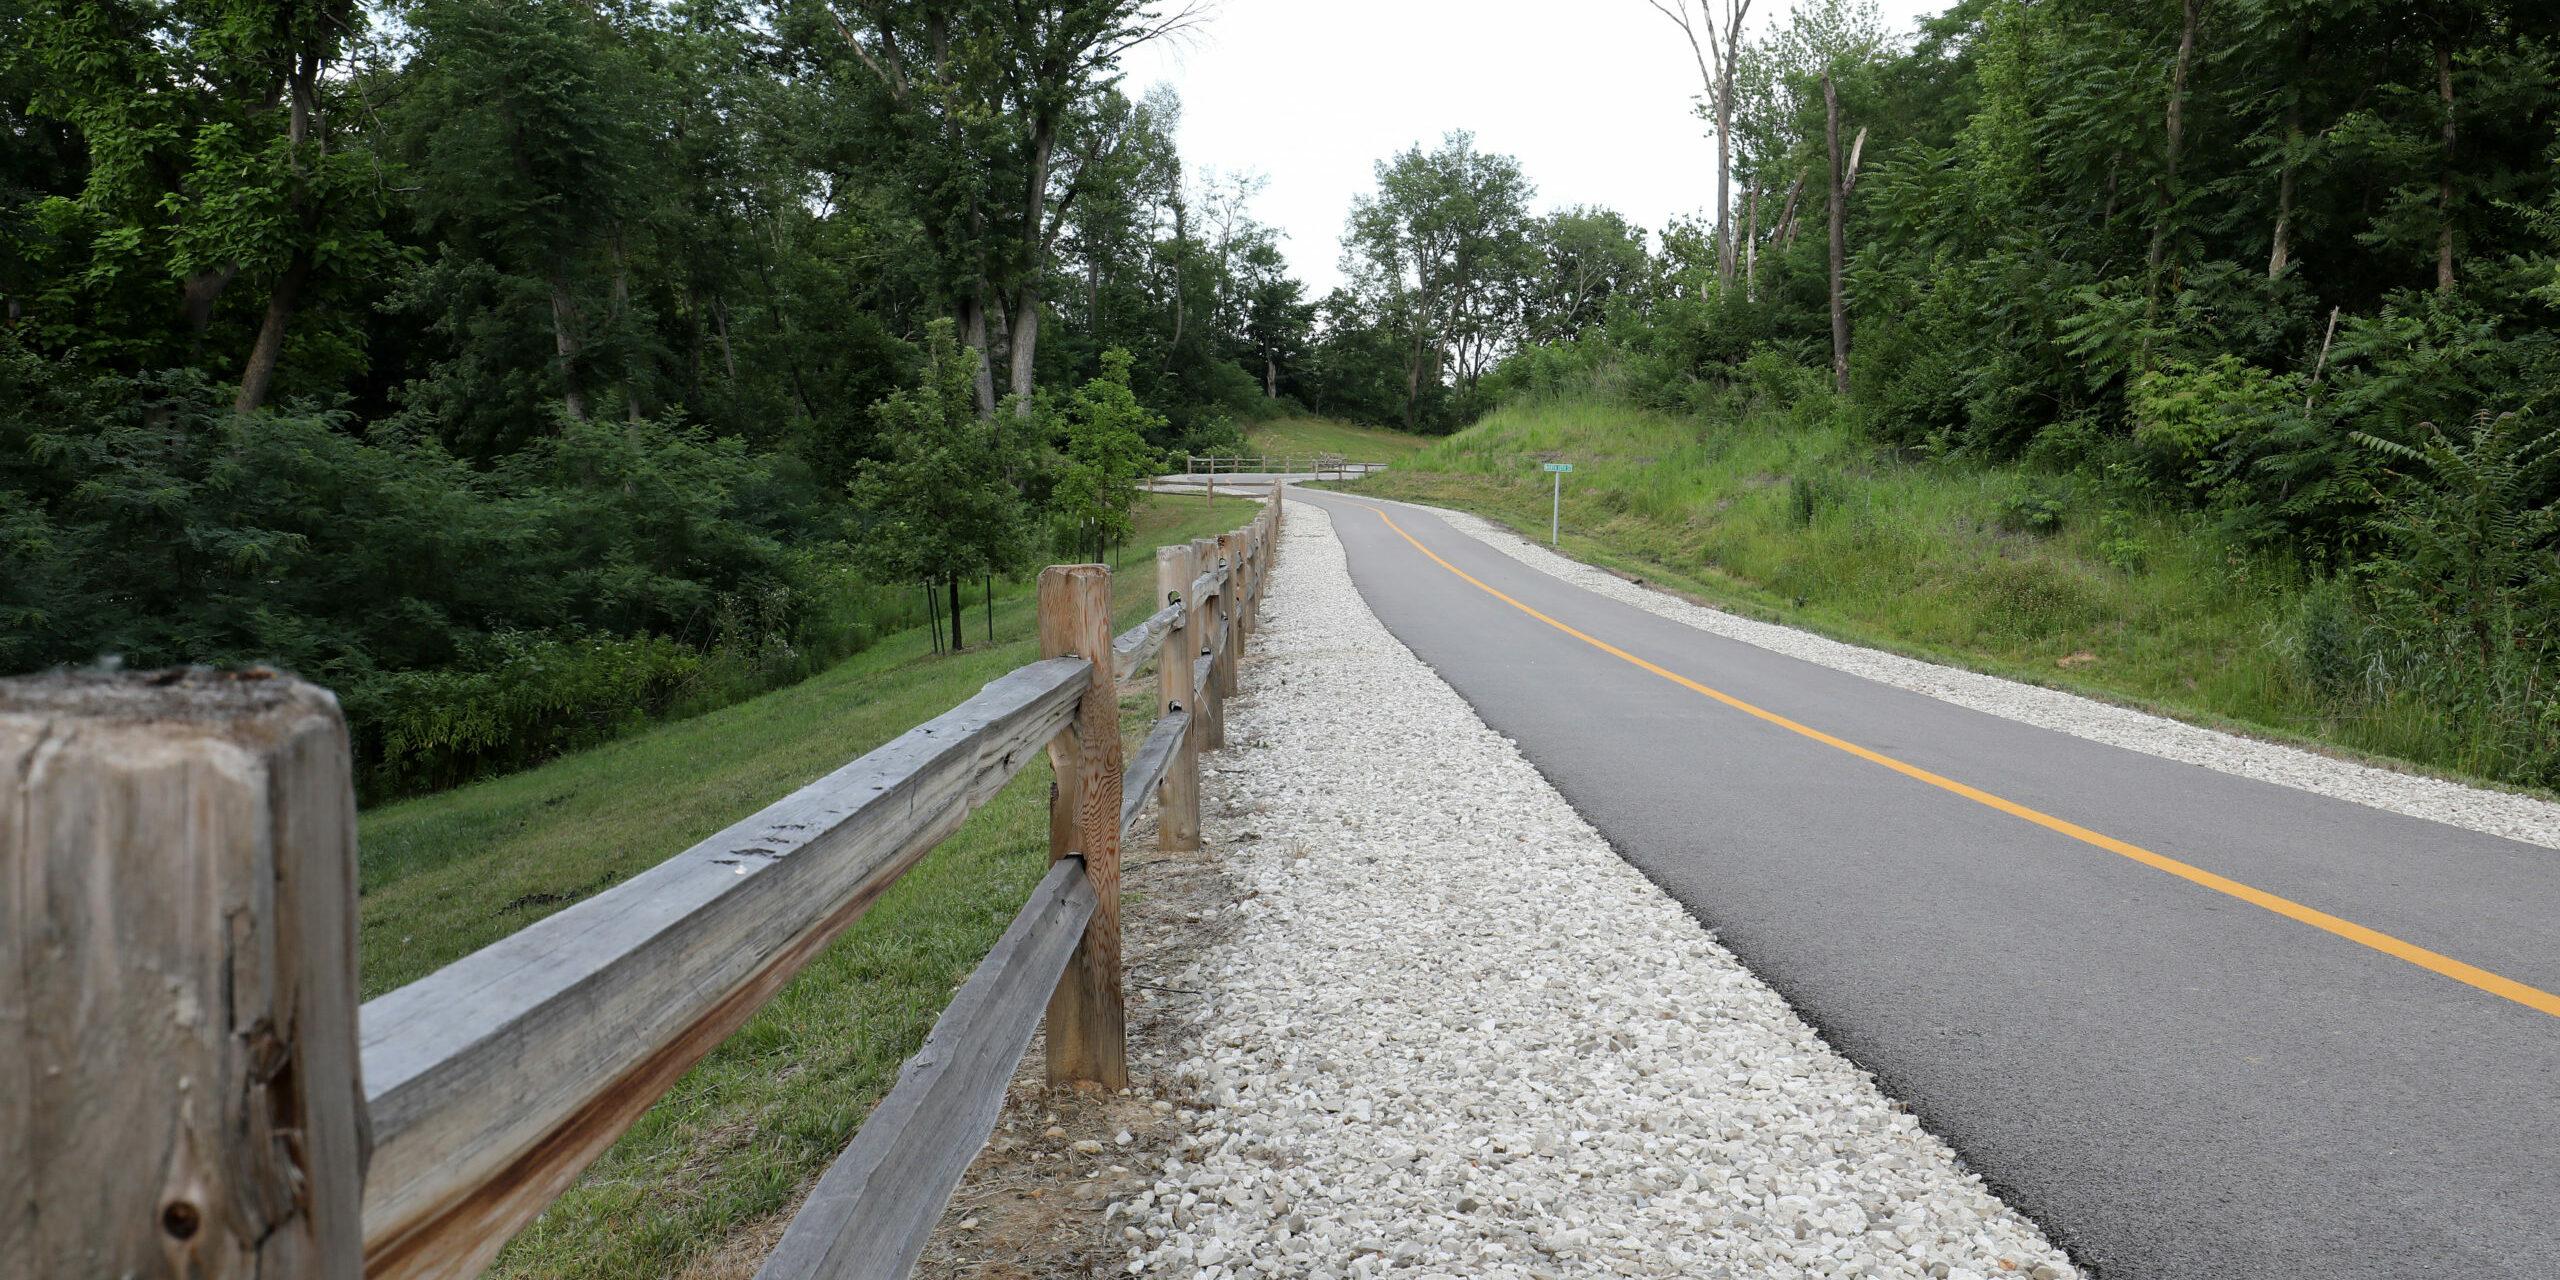 Road in Quincy park